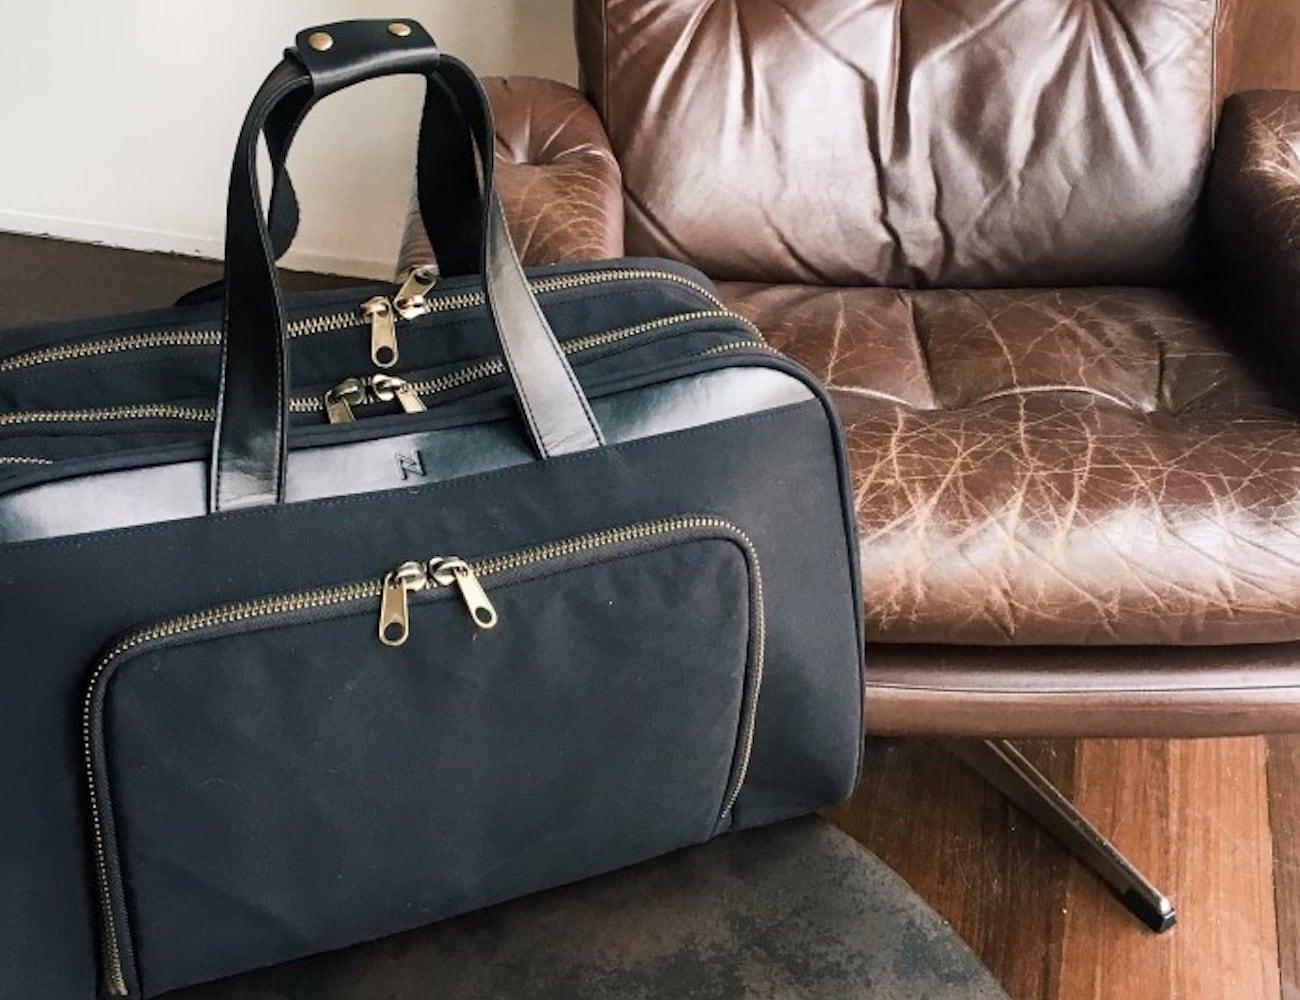 Nomad Lane Bento Thoughtful Travel Bag